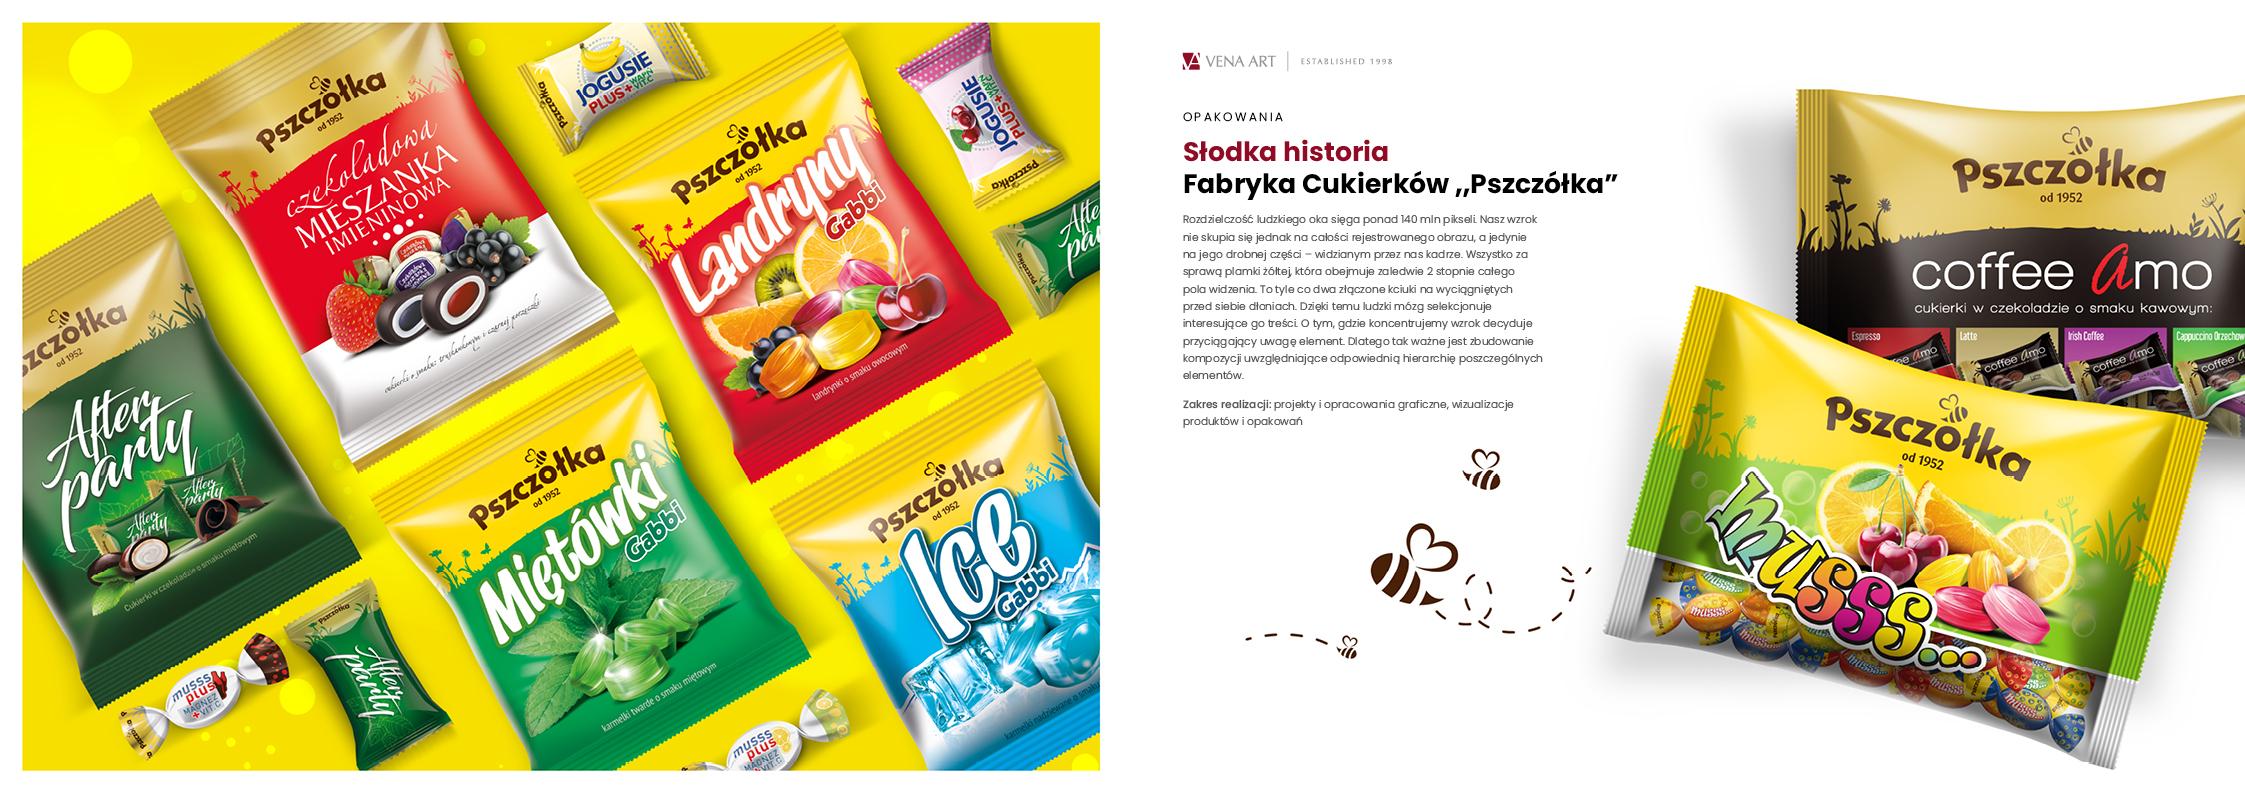 Słodka historia —Fabryka Cukierków Pszczółka